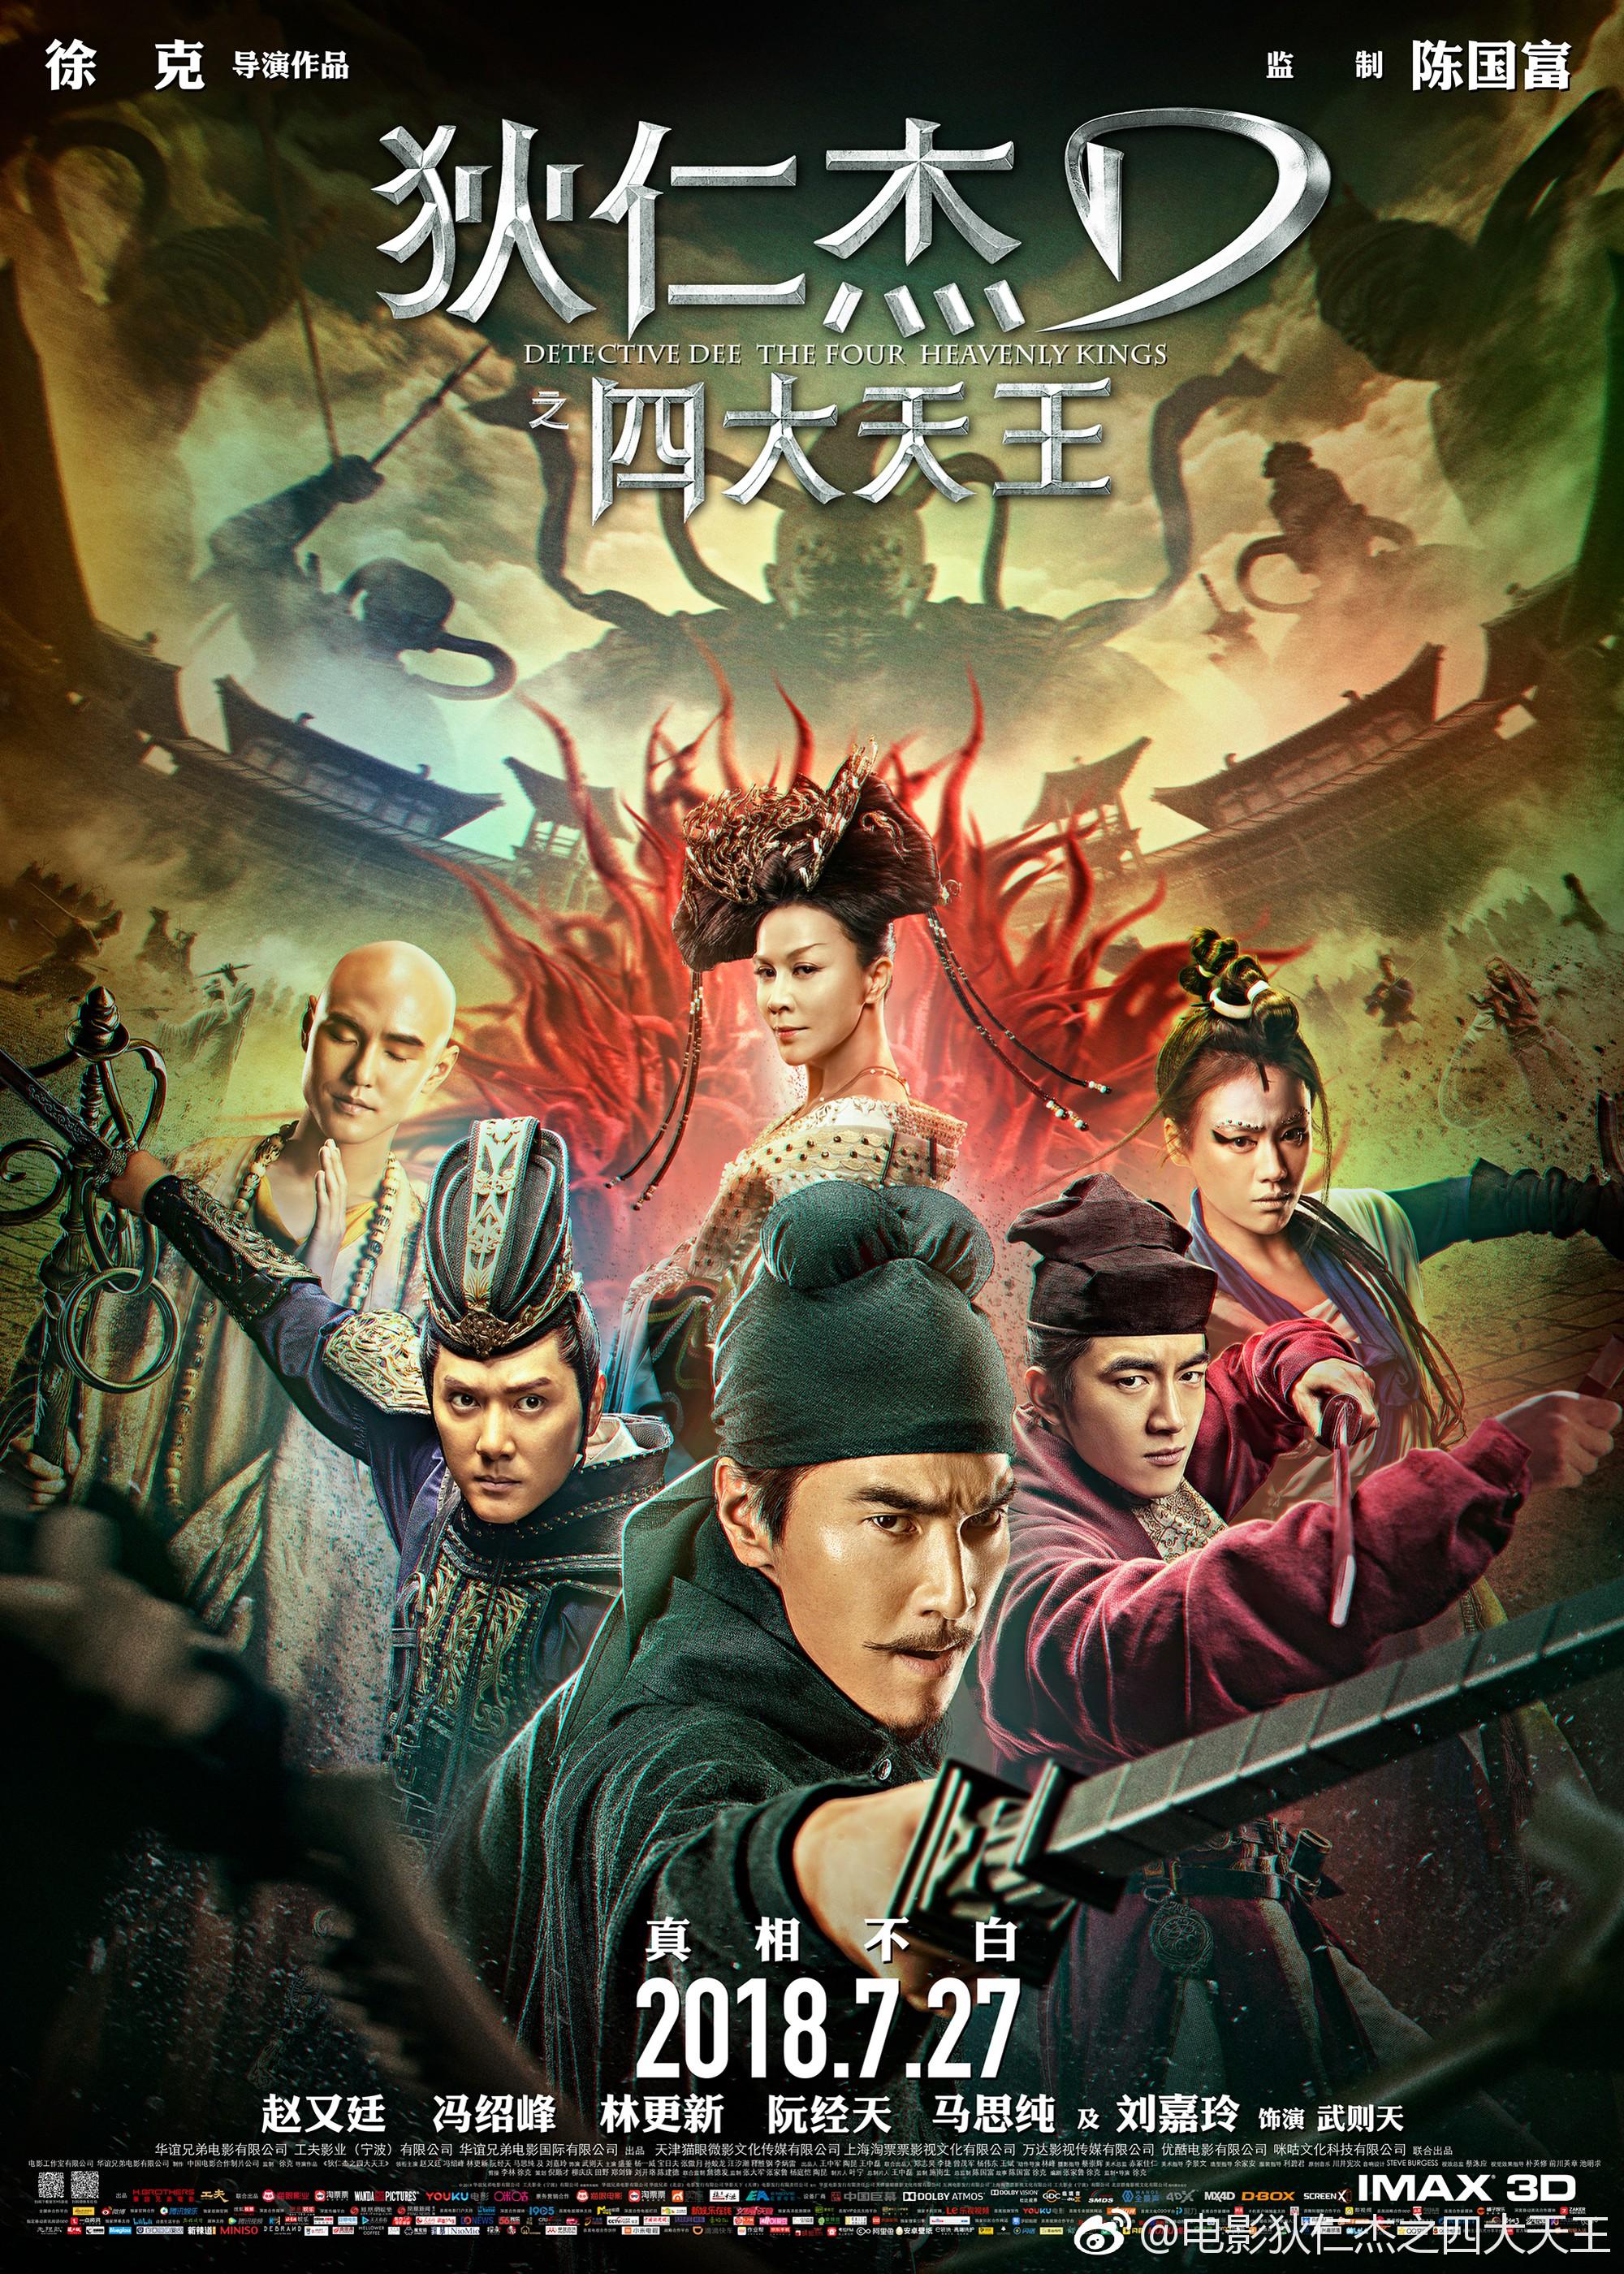 Phần 3 có sự tham gia của Ảnh đế xứ Đài Nguyễn Kinh Thiên và Ảnh hậu Mã Tư Thuần.